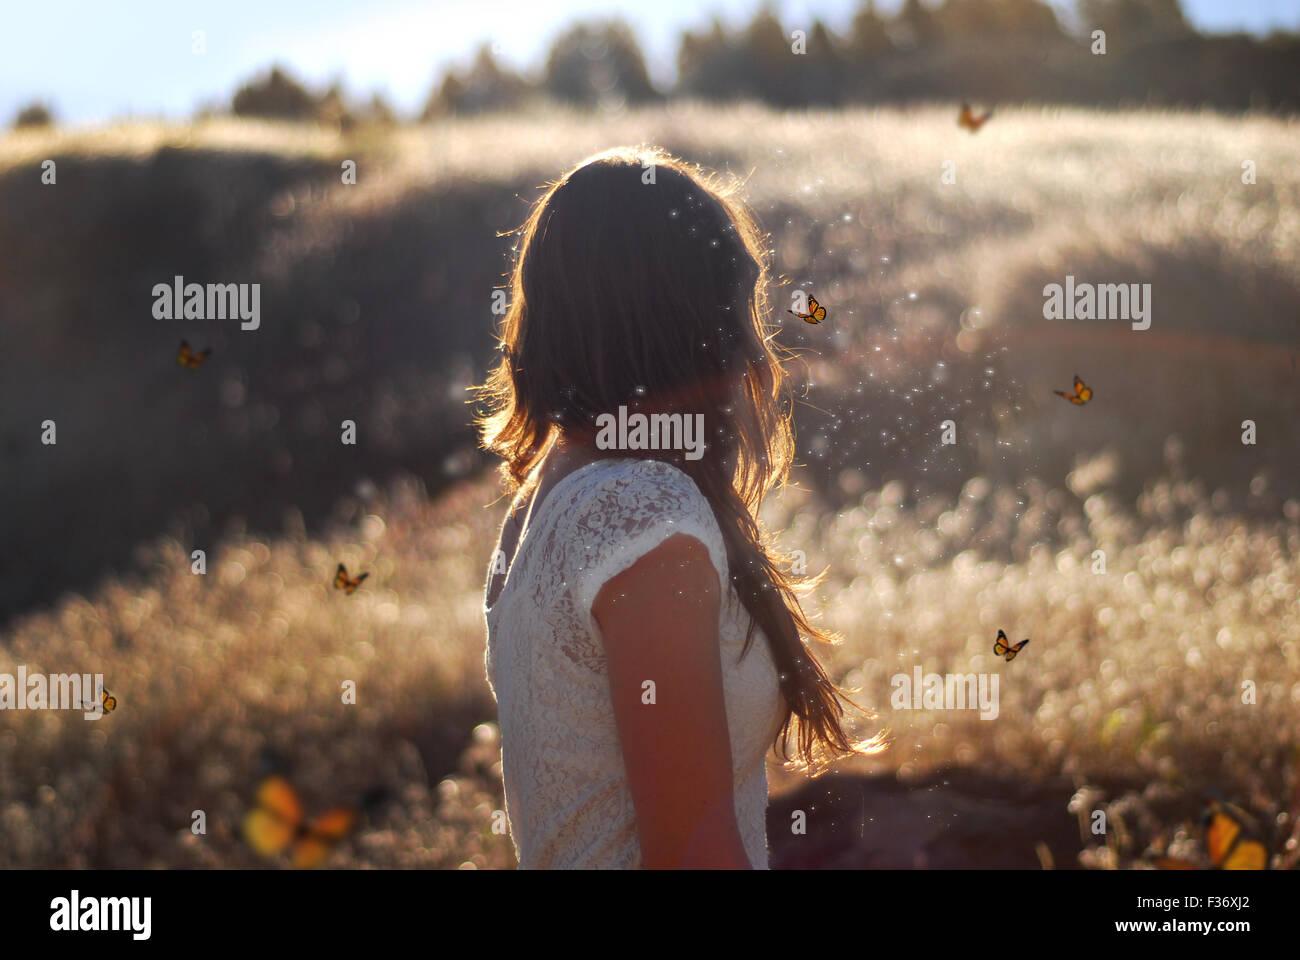 Le ragazze del golden ora in abito bianco con le farfalle volare intorno a lei Immagini Stock